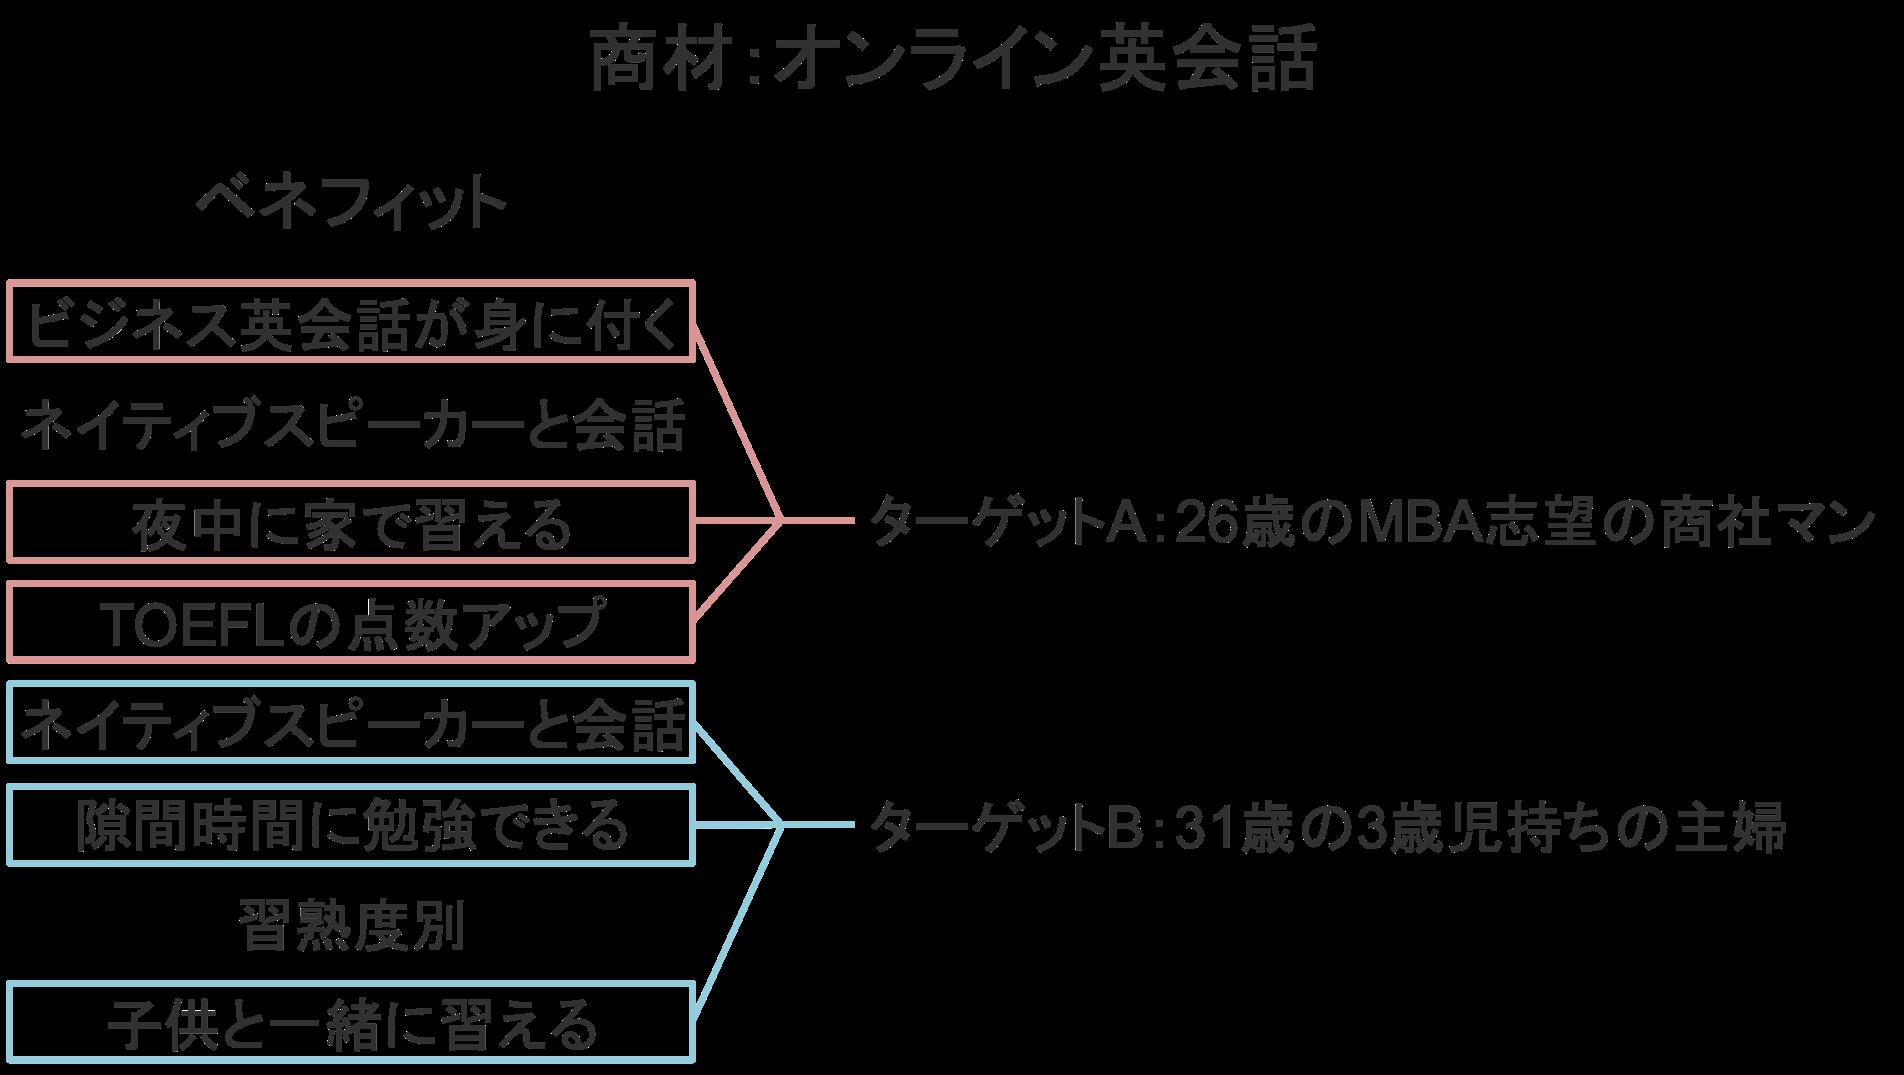 ターゲット別にベネフィットを選定する具体例